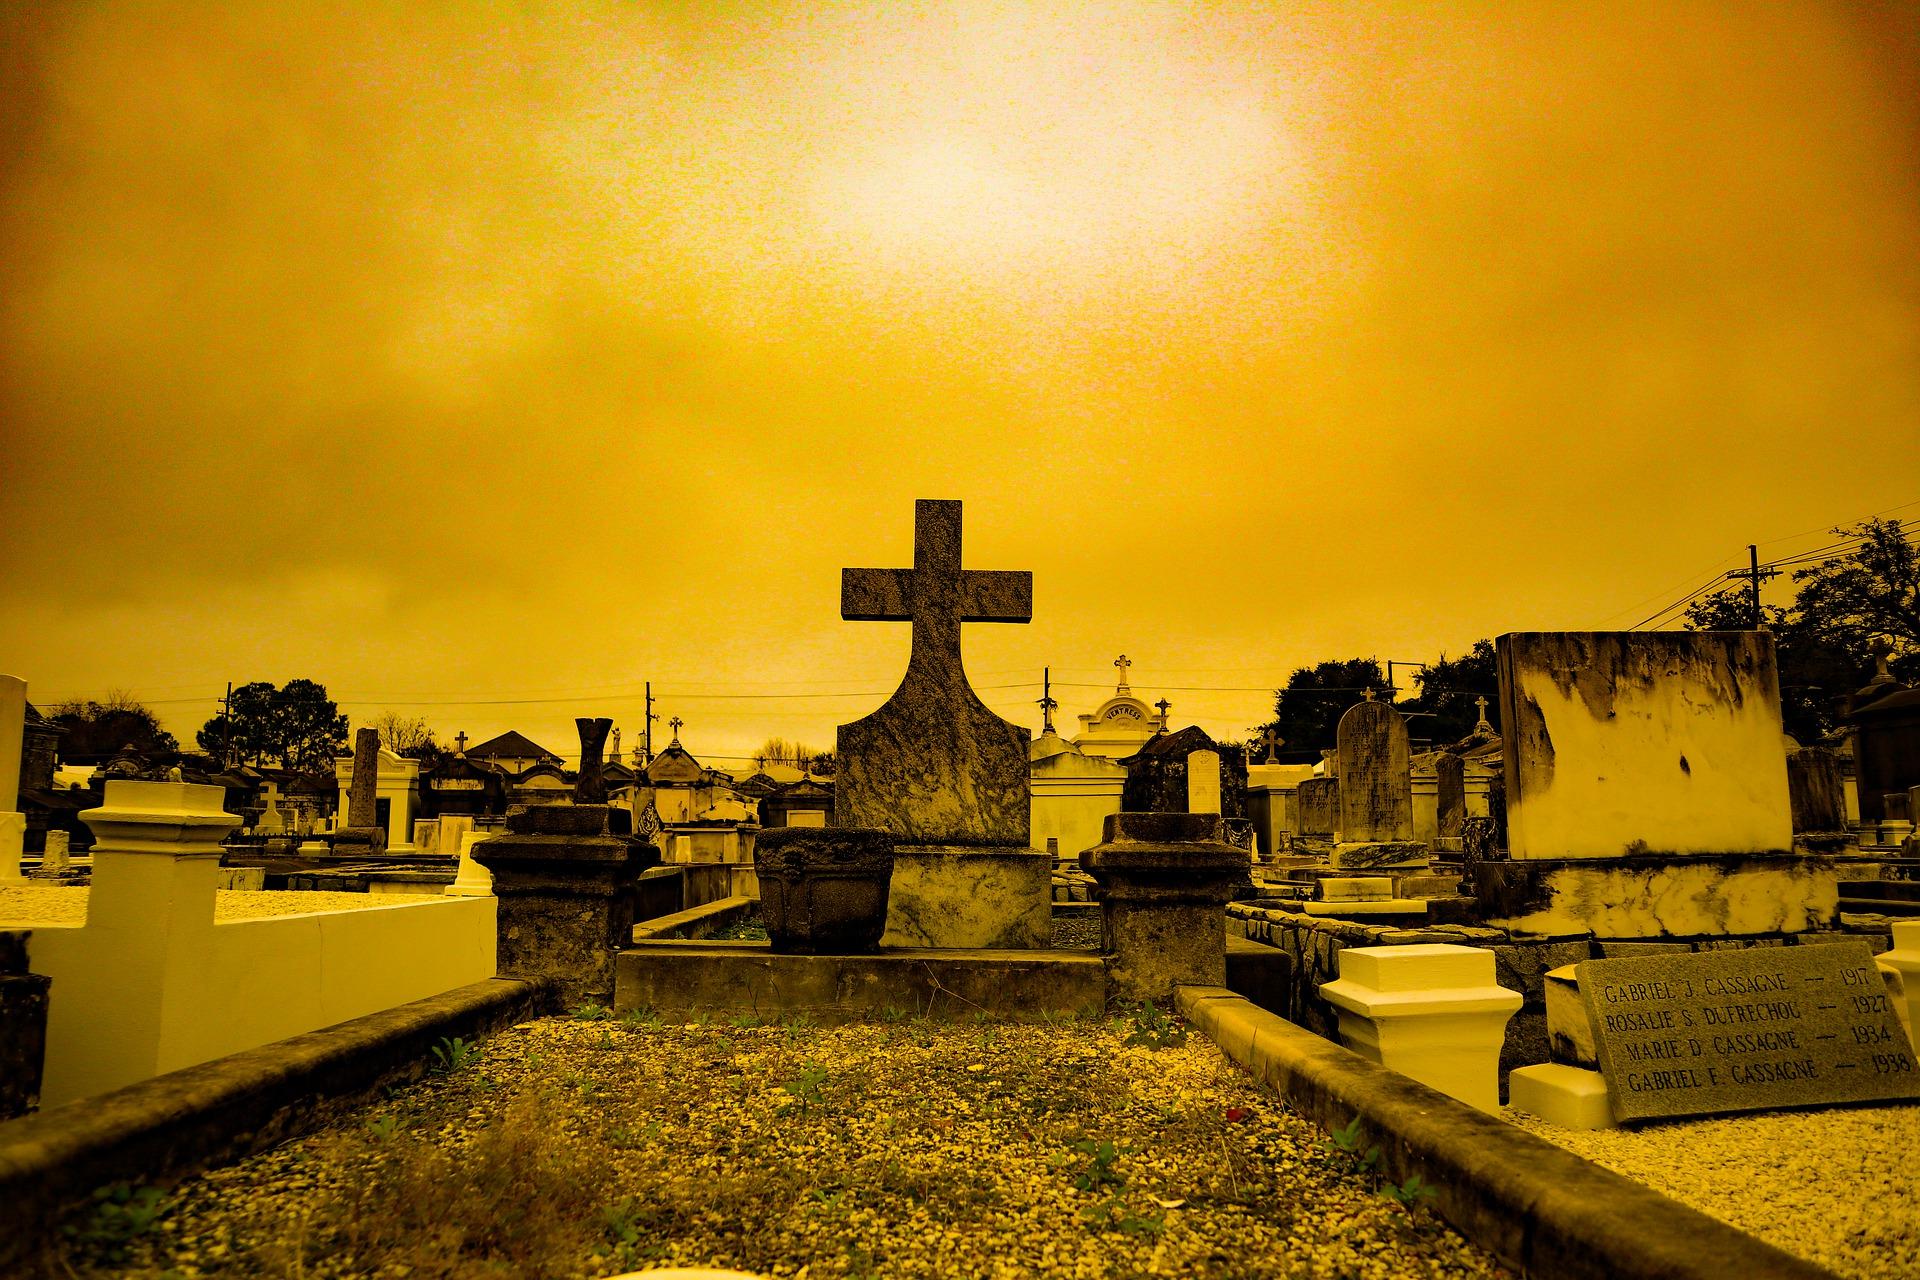 cemetery-4769372_1920